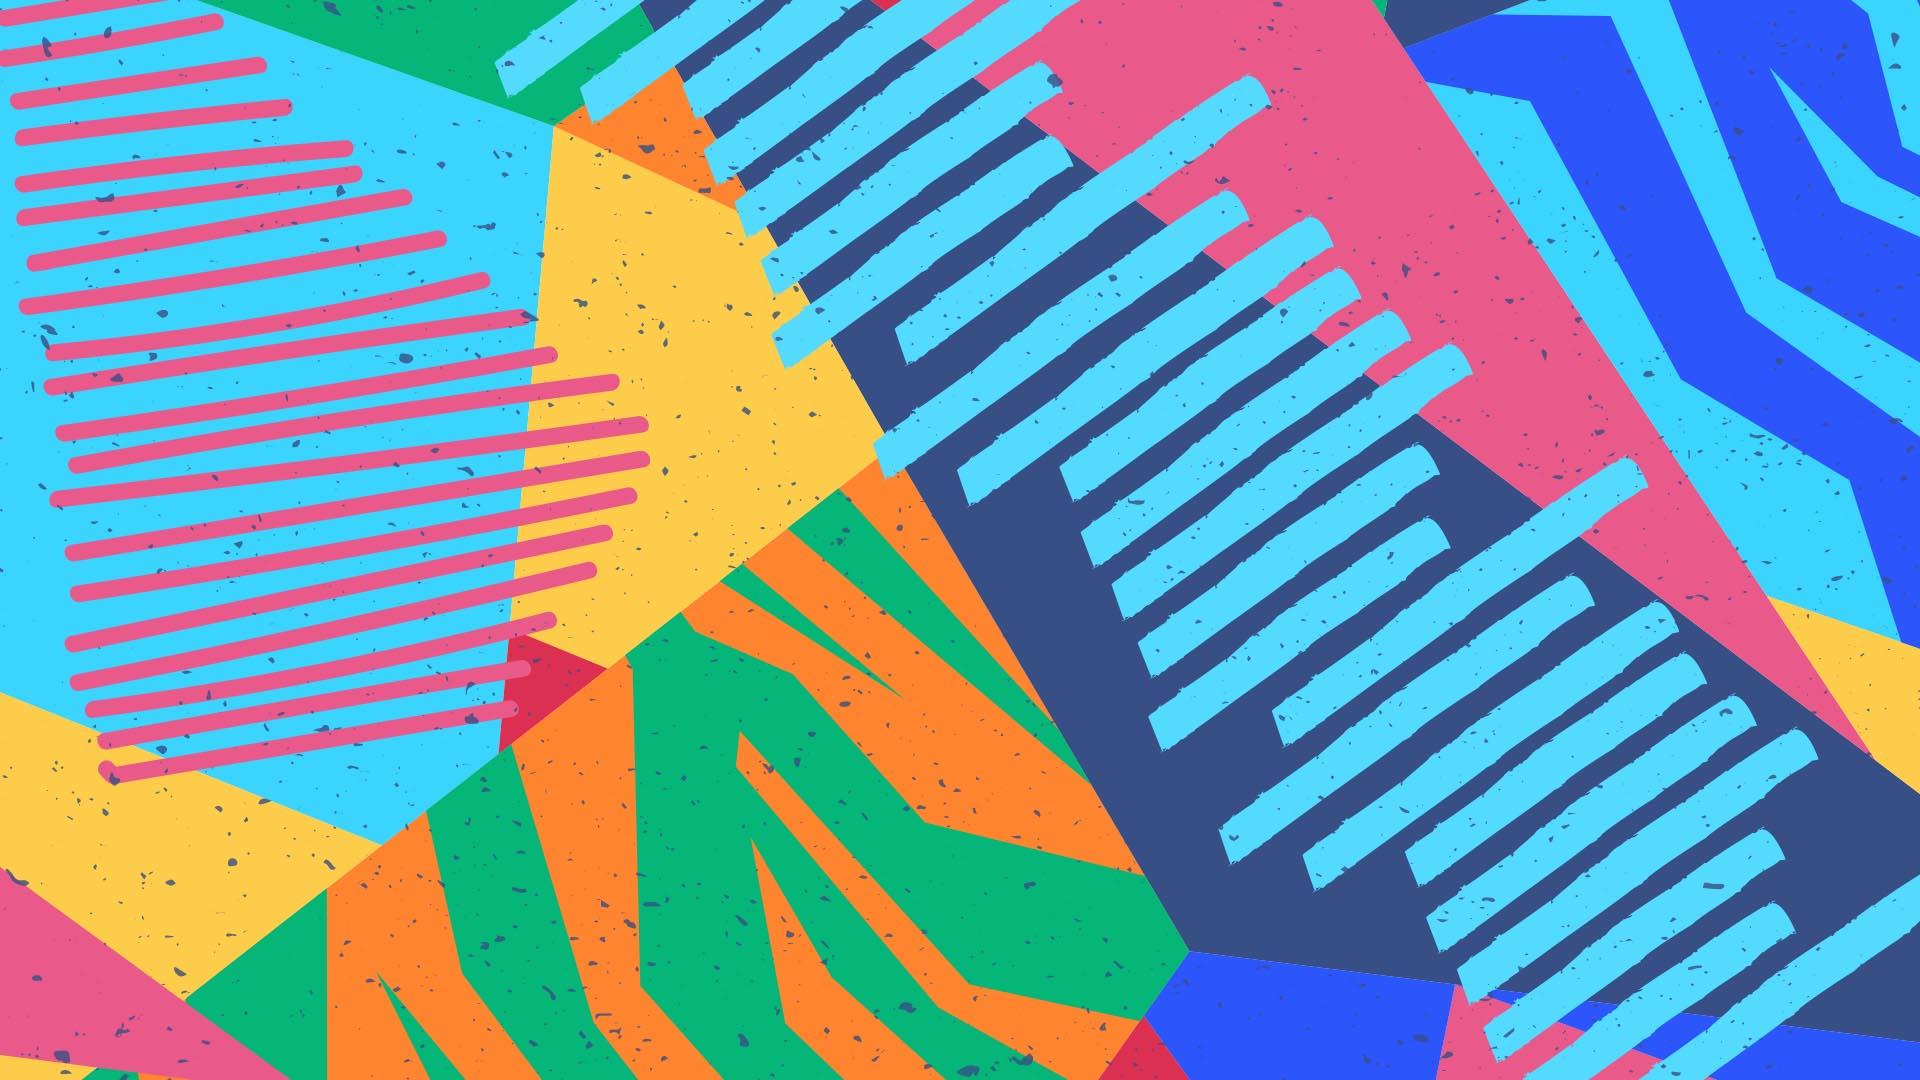 <h1>STUDENT SHOWCASE</h1><p>Những tác phẩm nổi bật của sinh viên các trường Thiết kế Đồ họa</p>